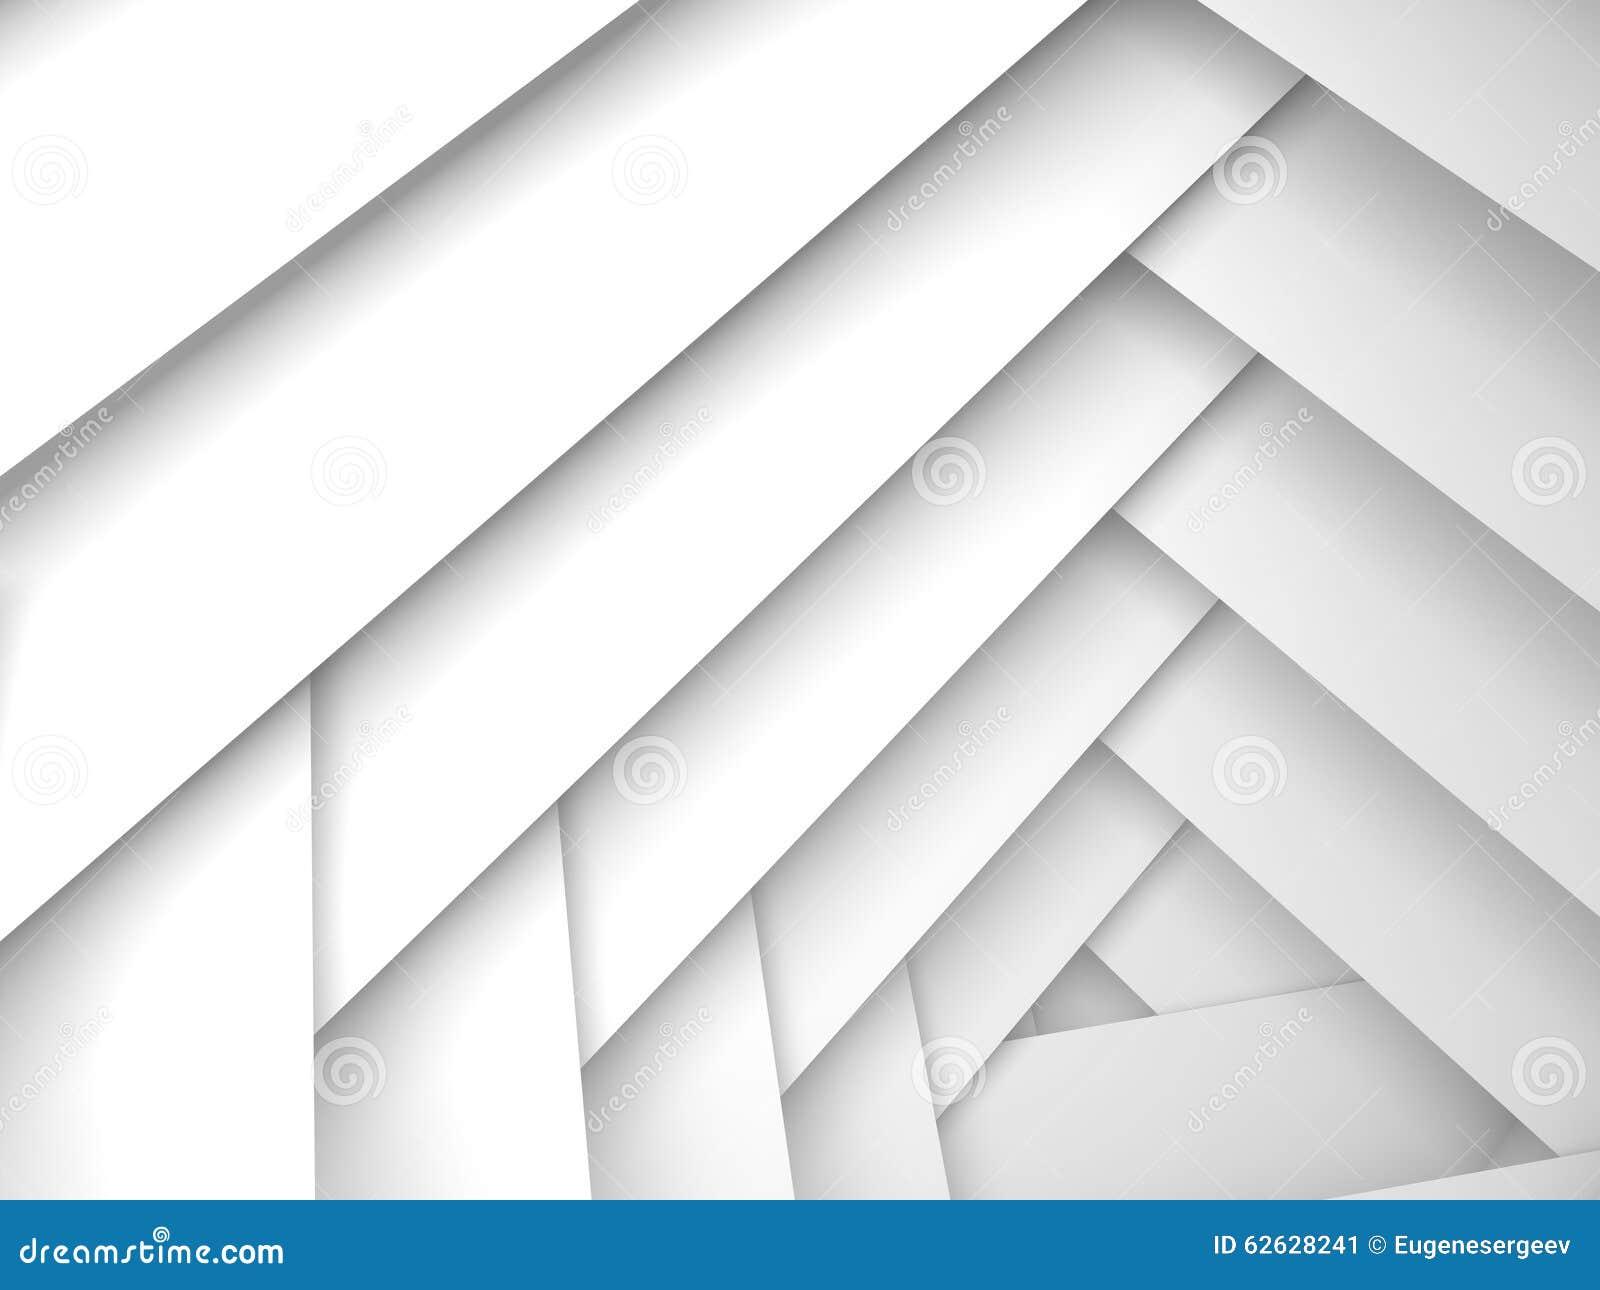 抽象几何背景,白色框架层数